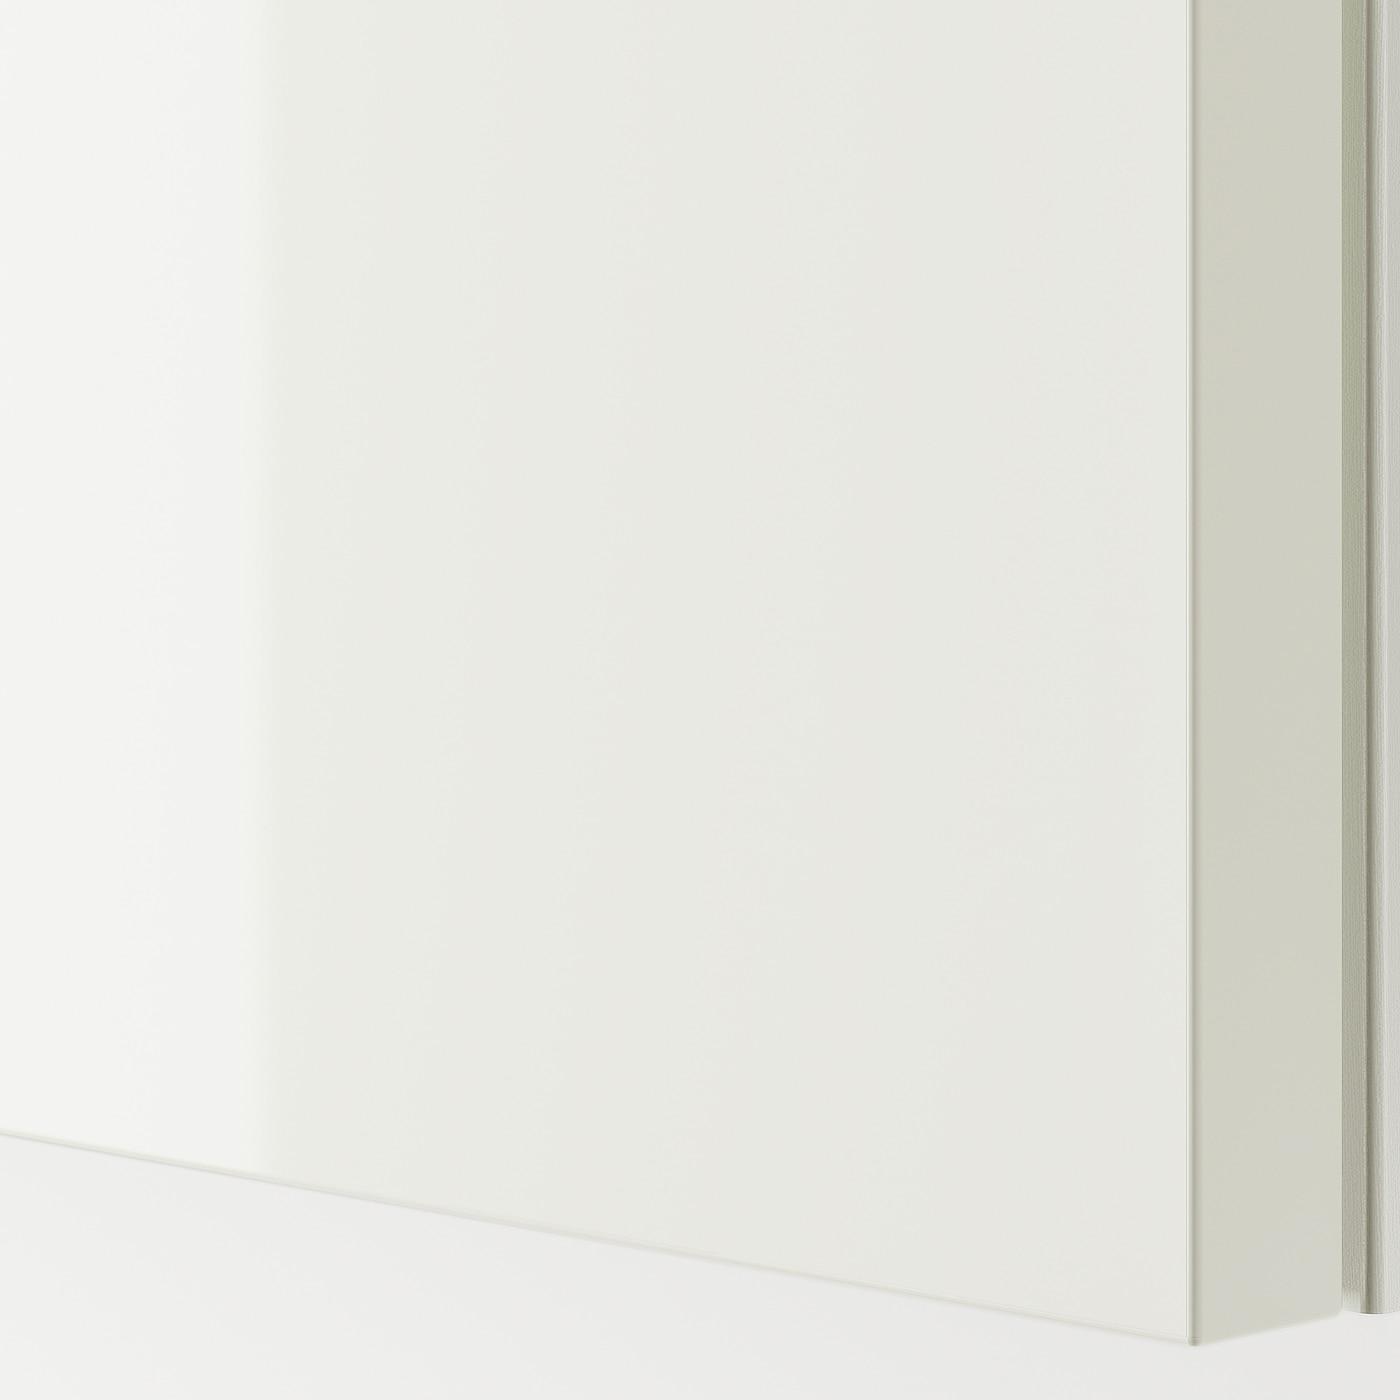 Istruzioni Montaggio Armadio Ikea Pax Ante Scorrevoli.Hasvik Coppia Di Ante Scorrevoli Lucido Bianco Ikea